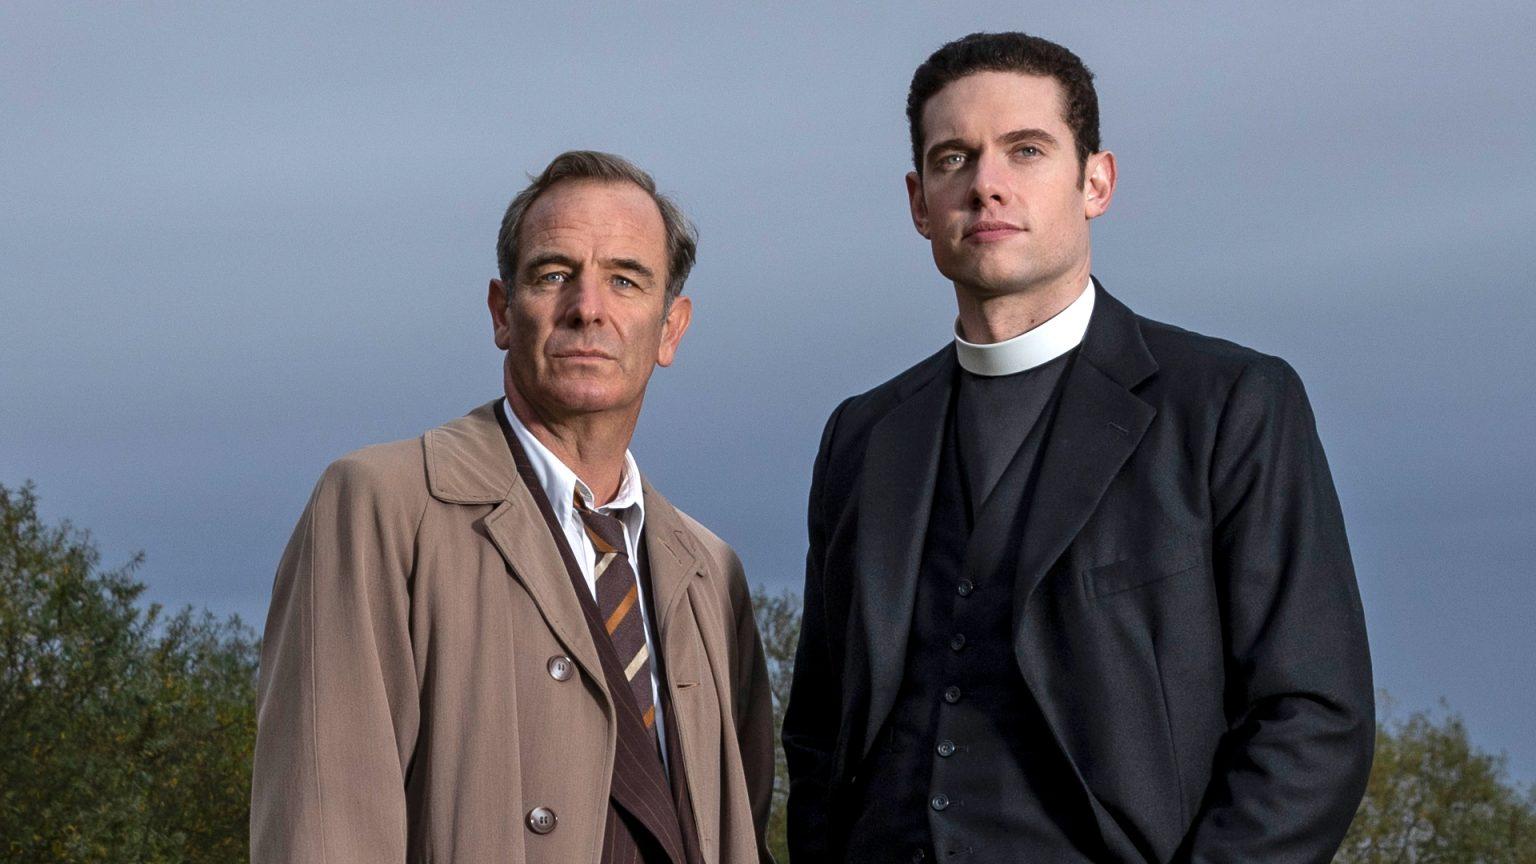 Grantchester Season 6 Episode 3 Release Date, Recap, Spoilers, Watch Online